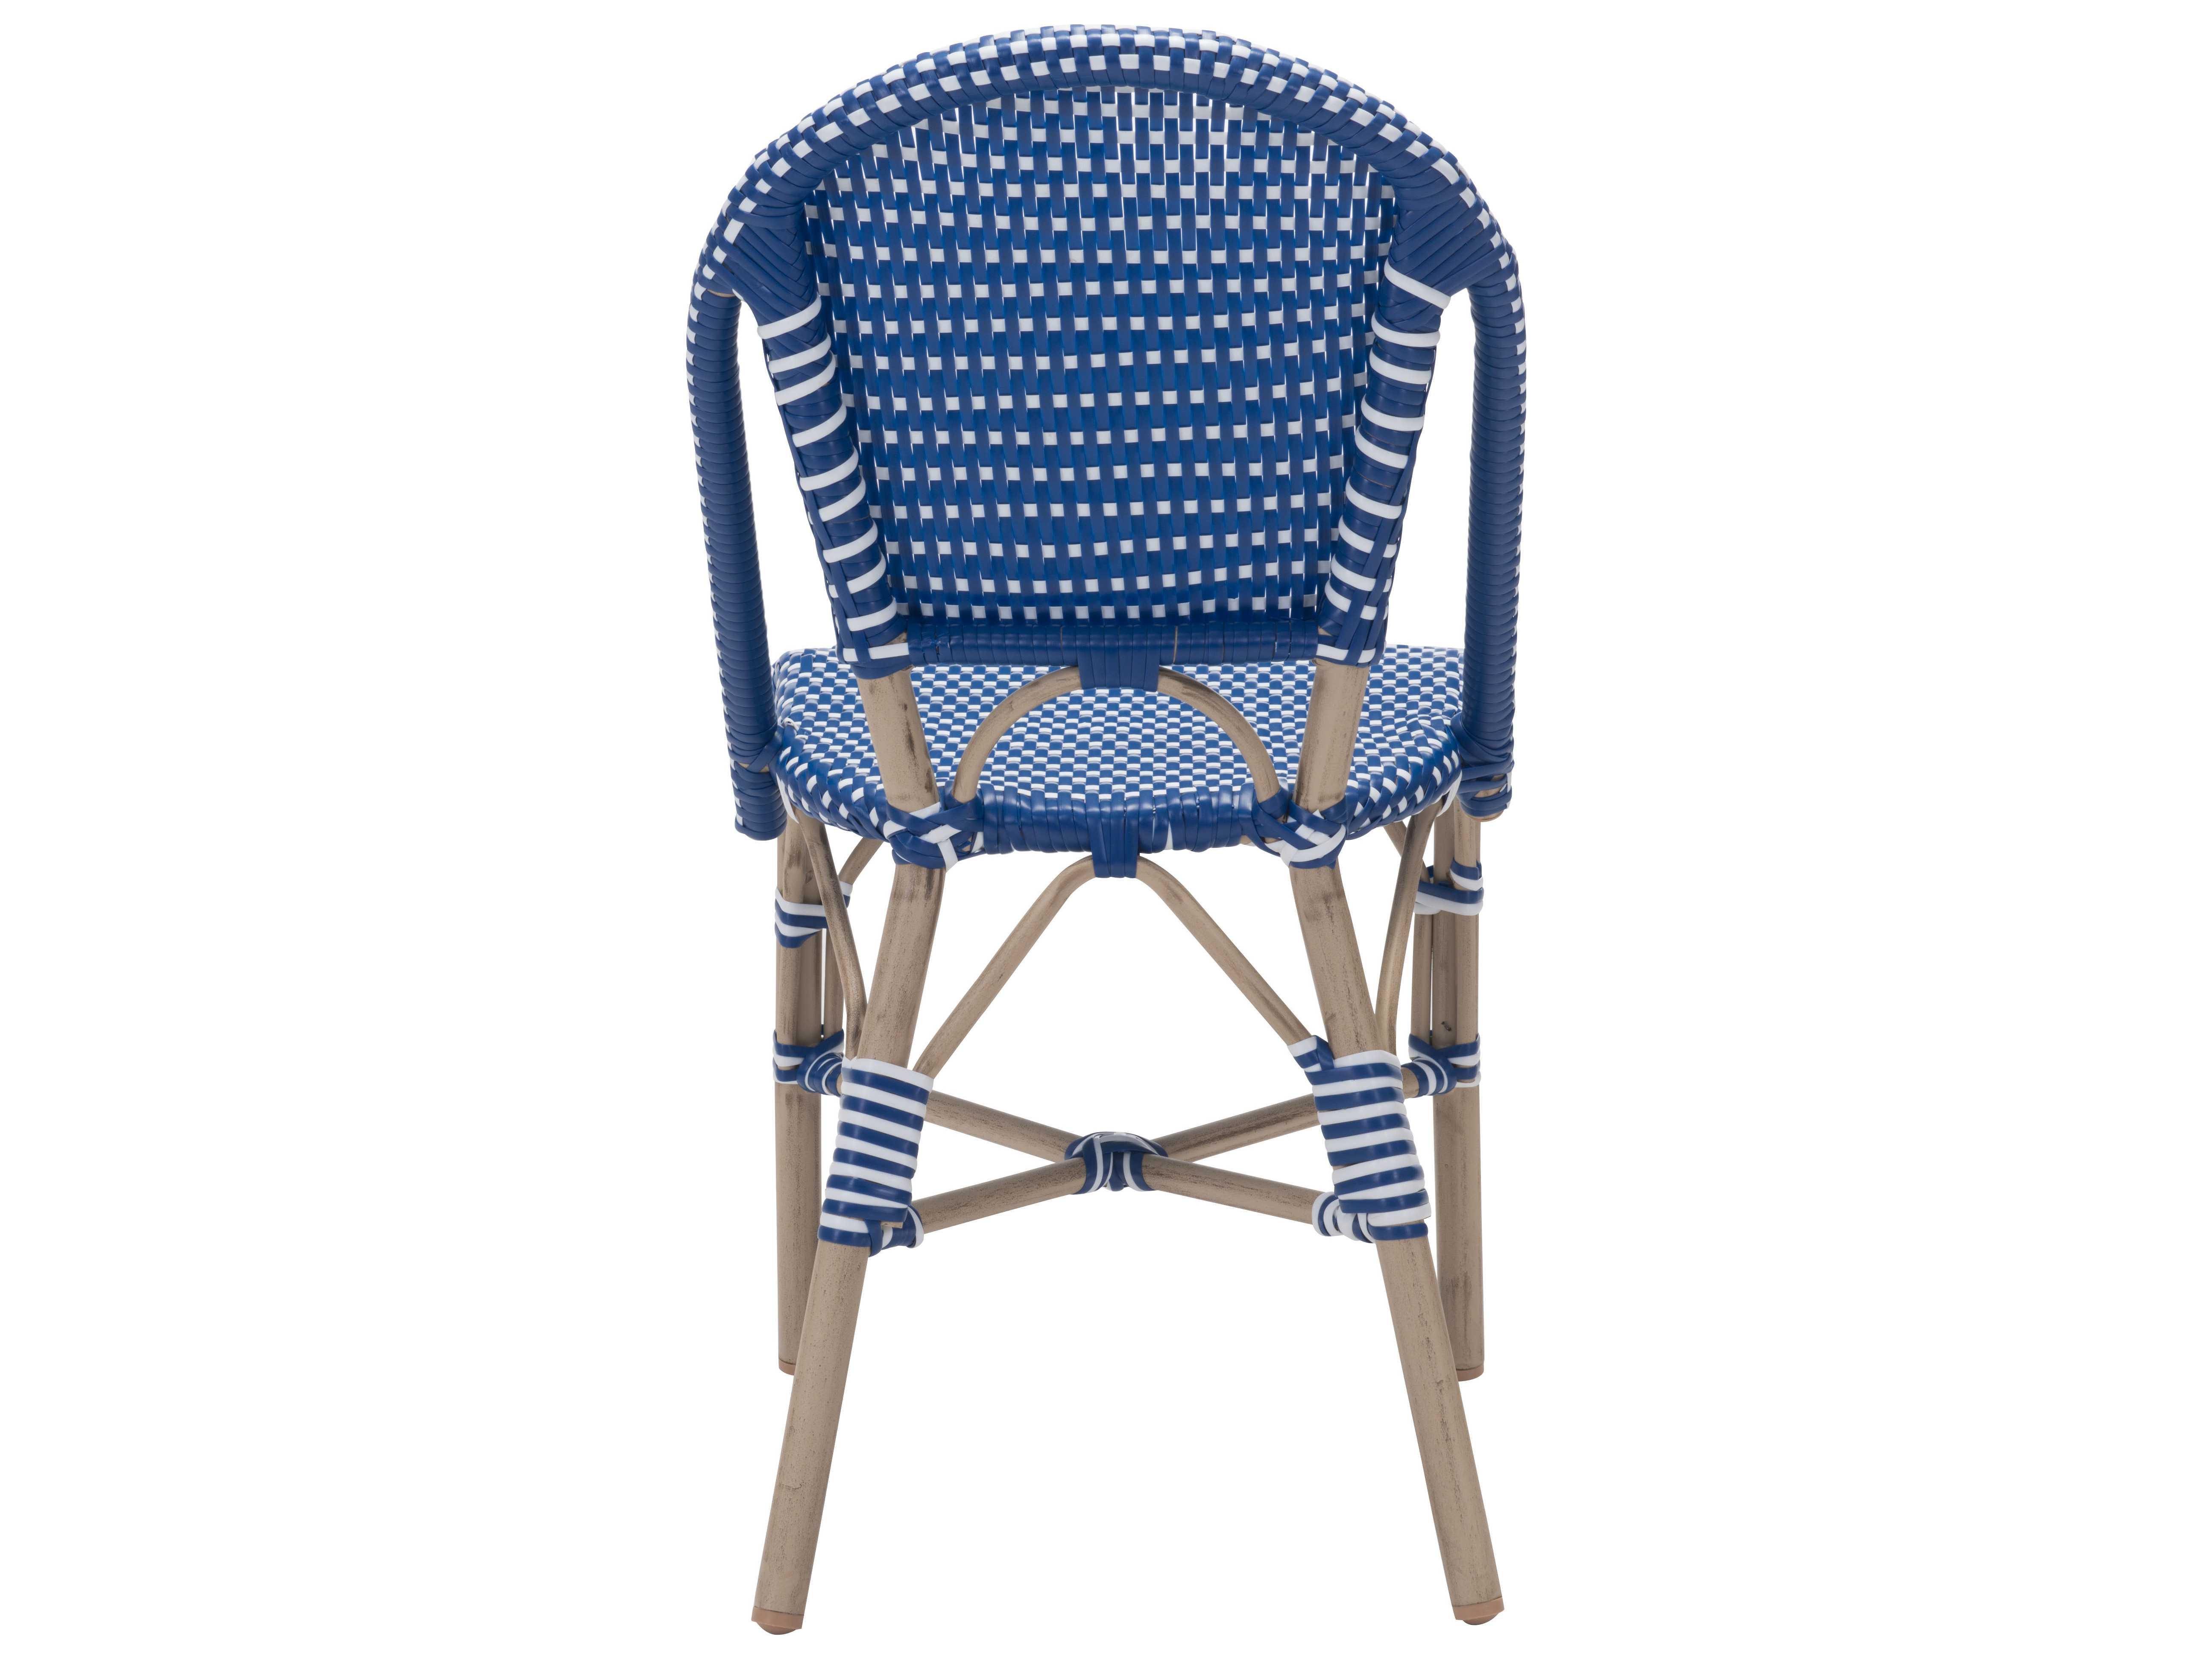 Zuo Outdoor Paris Aluminum Wicker Dining Chair In Navy